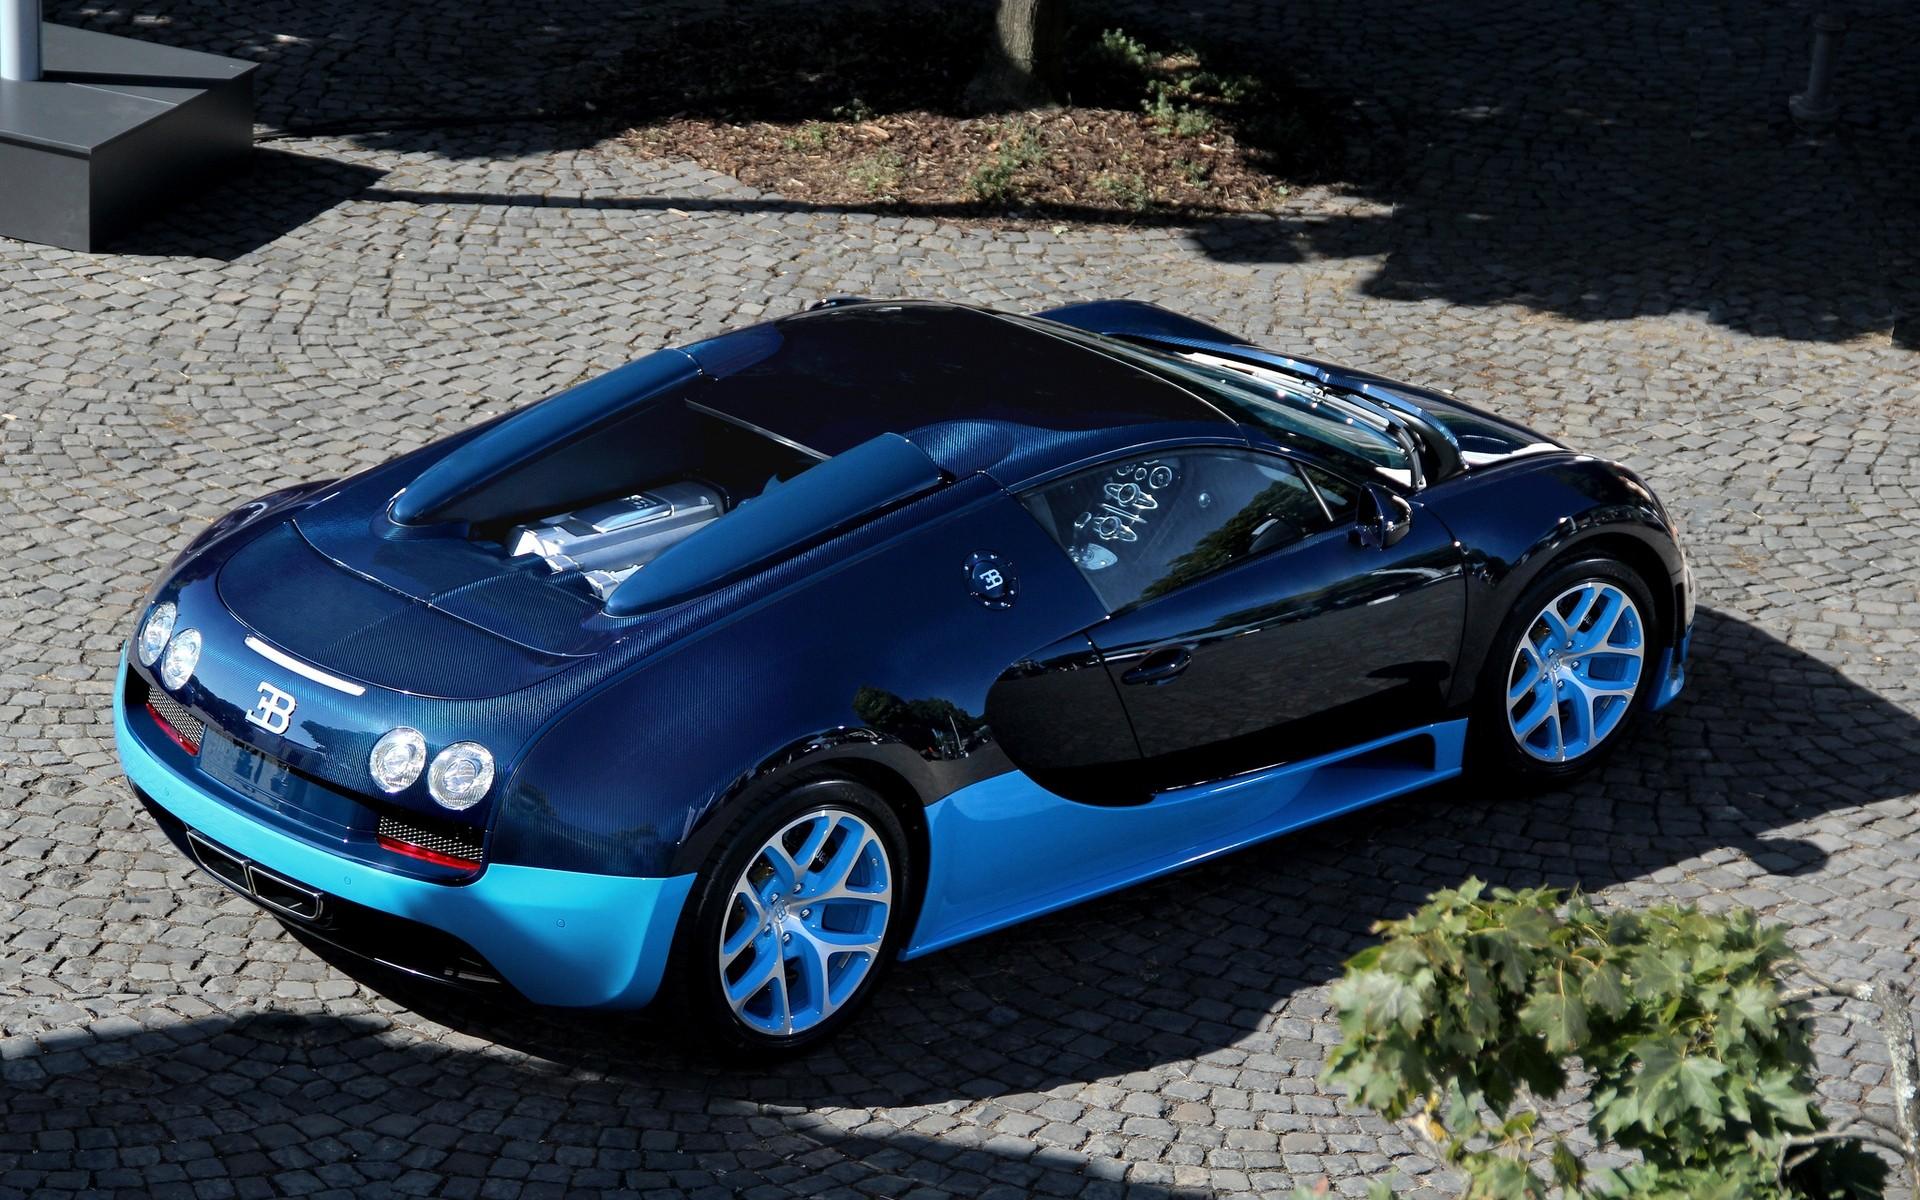 Blue Bugatti Veyron Grand Sport Vitesse Wallpaper